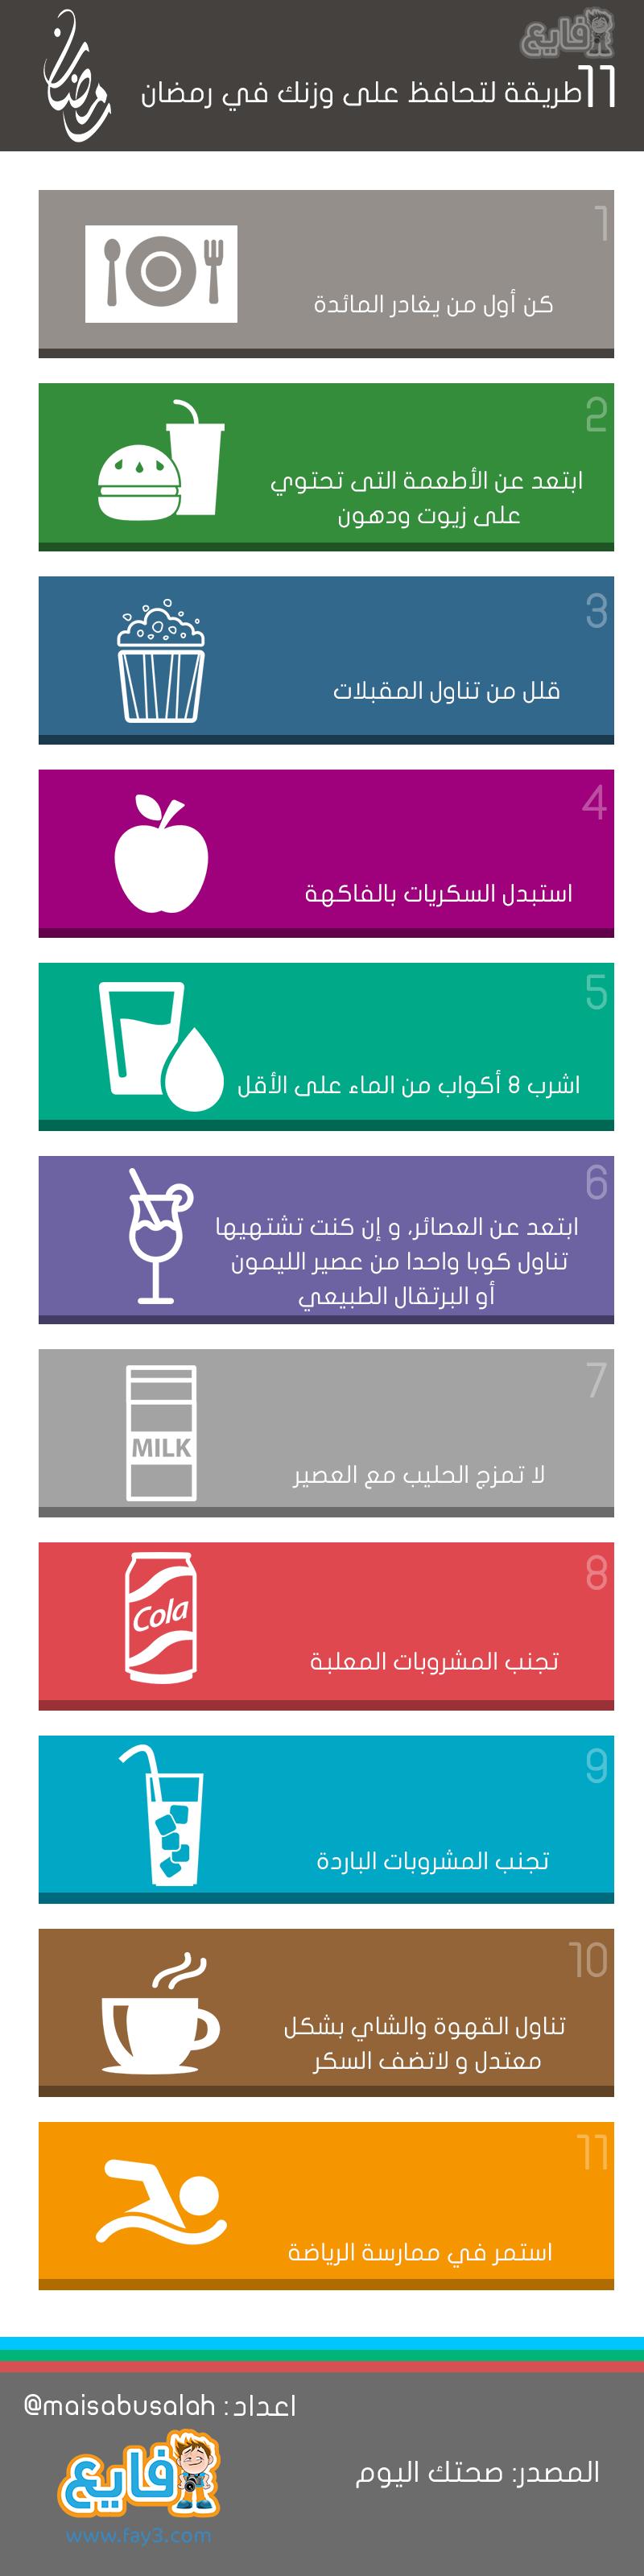 11طريقة لتحافظ على وزنك في #رمضان #انفوجرافيك #تخسيس #صحة